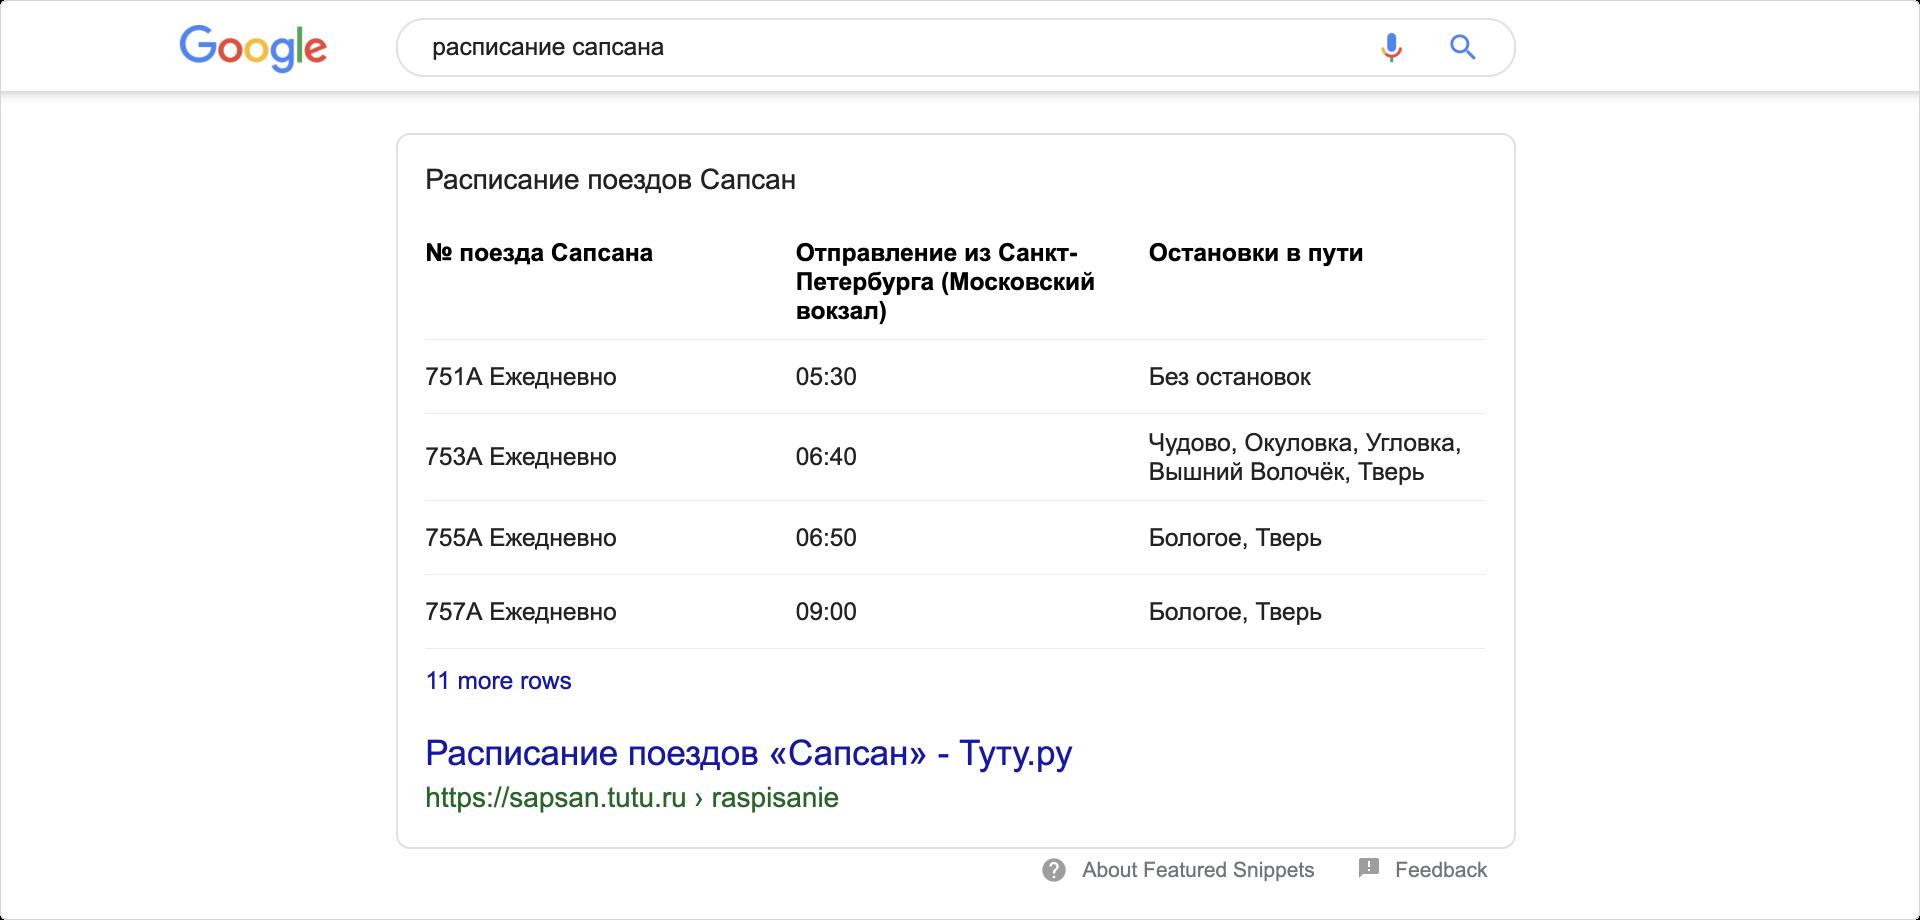 Расписание Сапсана в выдаче Google